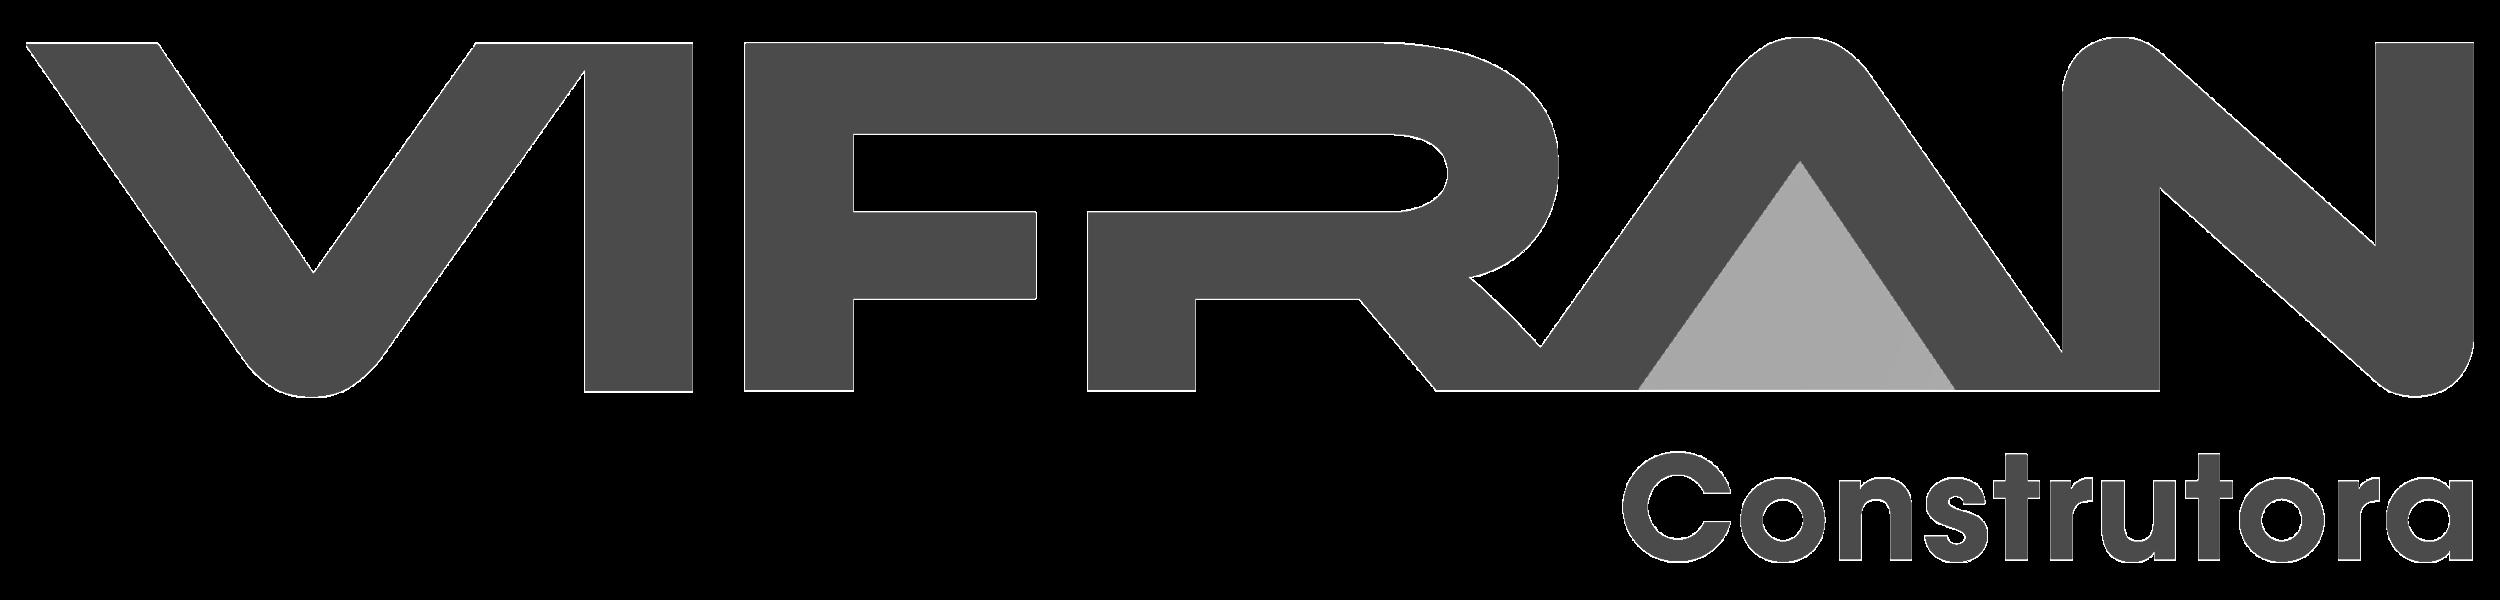 Logo Vifran Construtora-chumbo.png